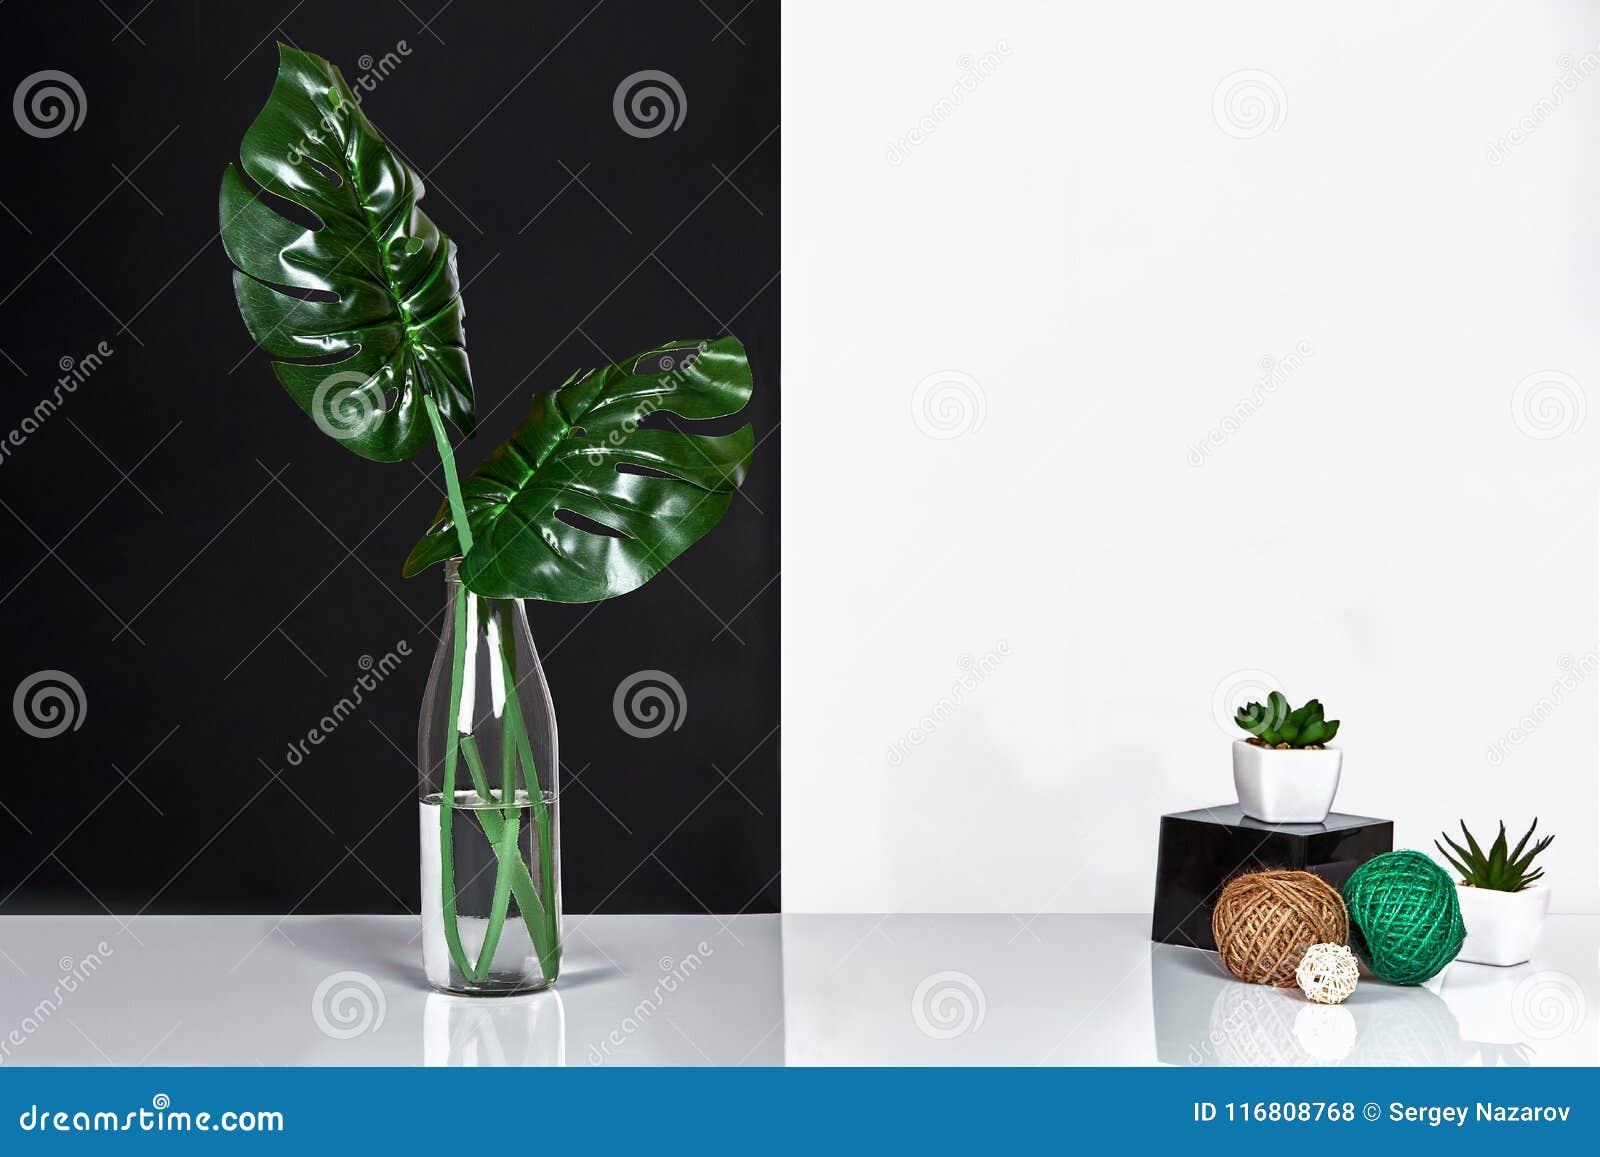 Composizione Foglie verdi in bottiglia su fondo bianco e nero Vista frontale, spazio della copia